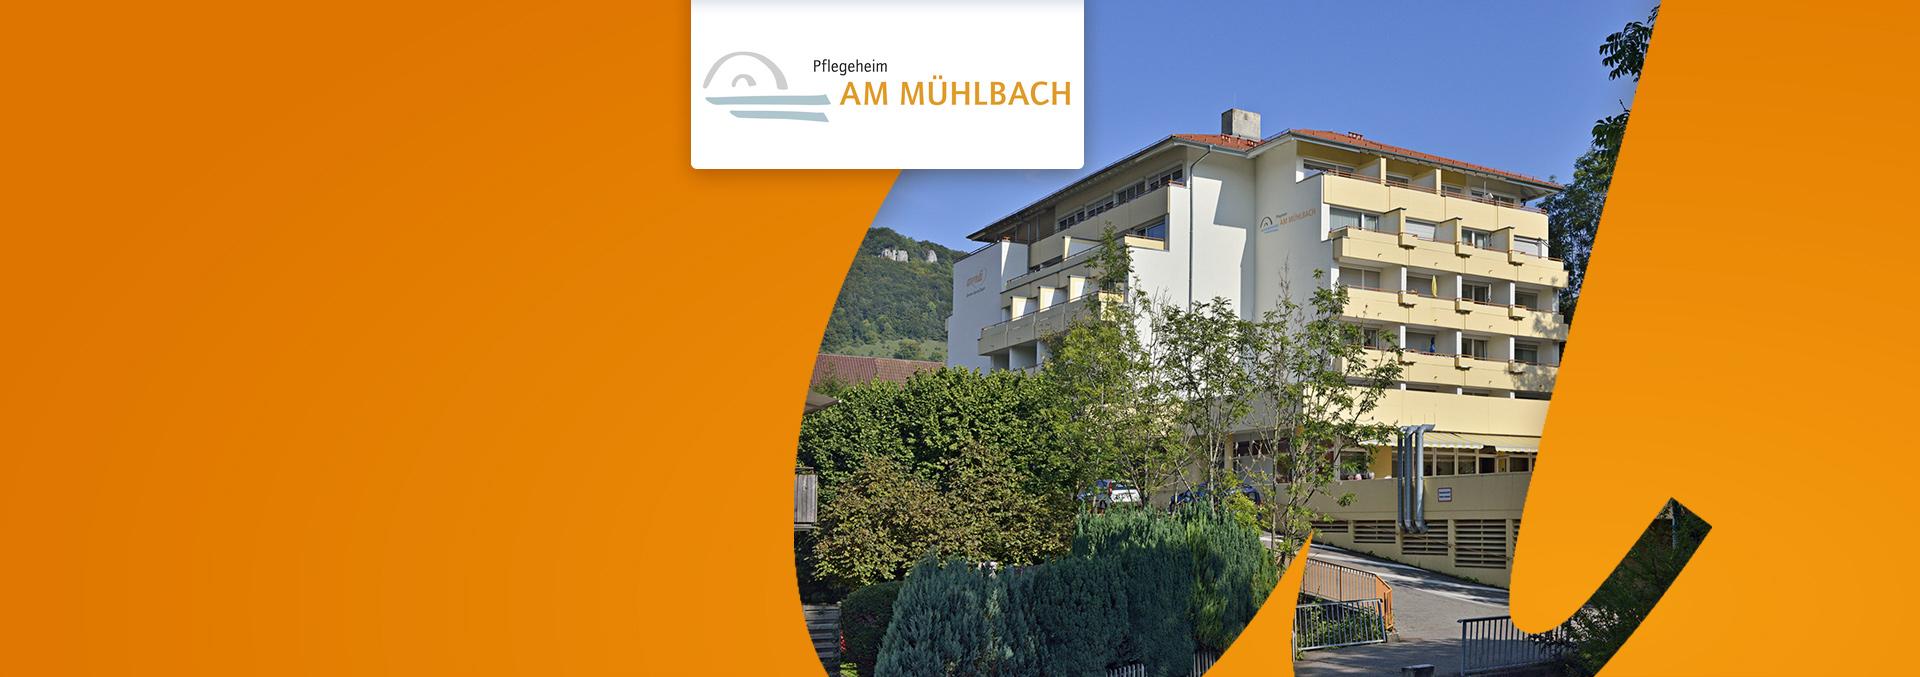 Pflegeheim Am Mühlbach von außen, Auffahrt zur sechsstöckigen Einrichtung, gesäumt von Büschen und Bäumen.